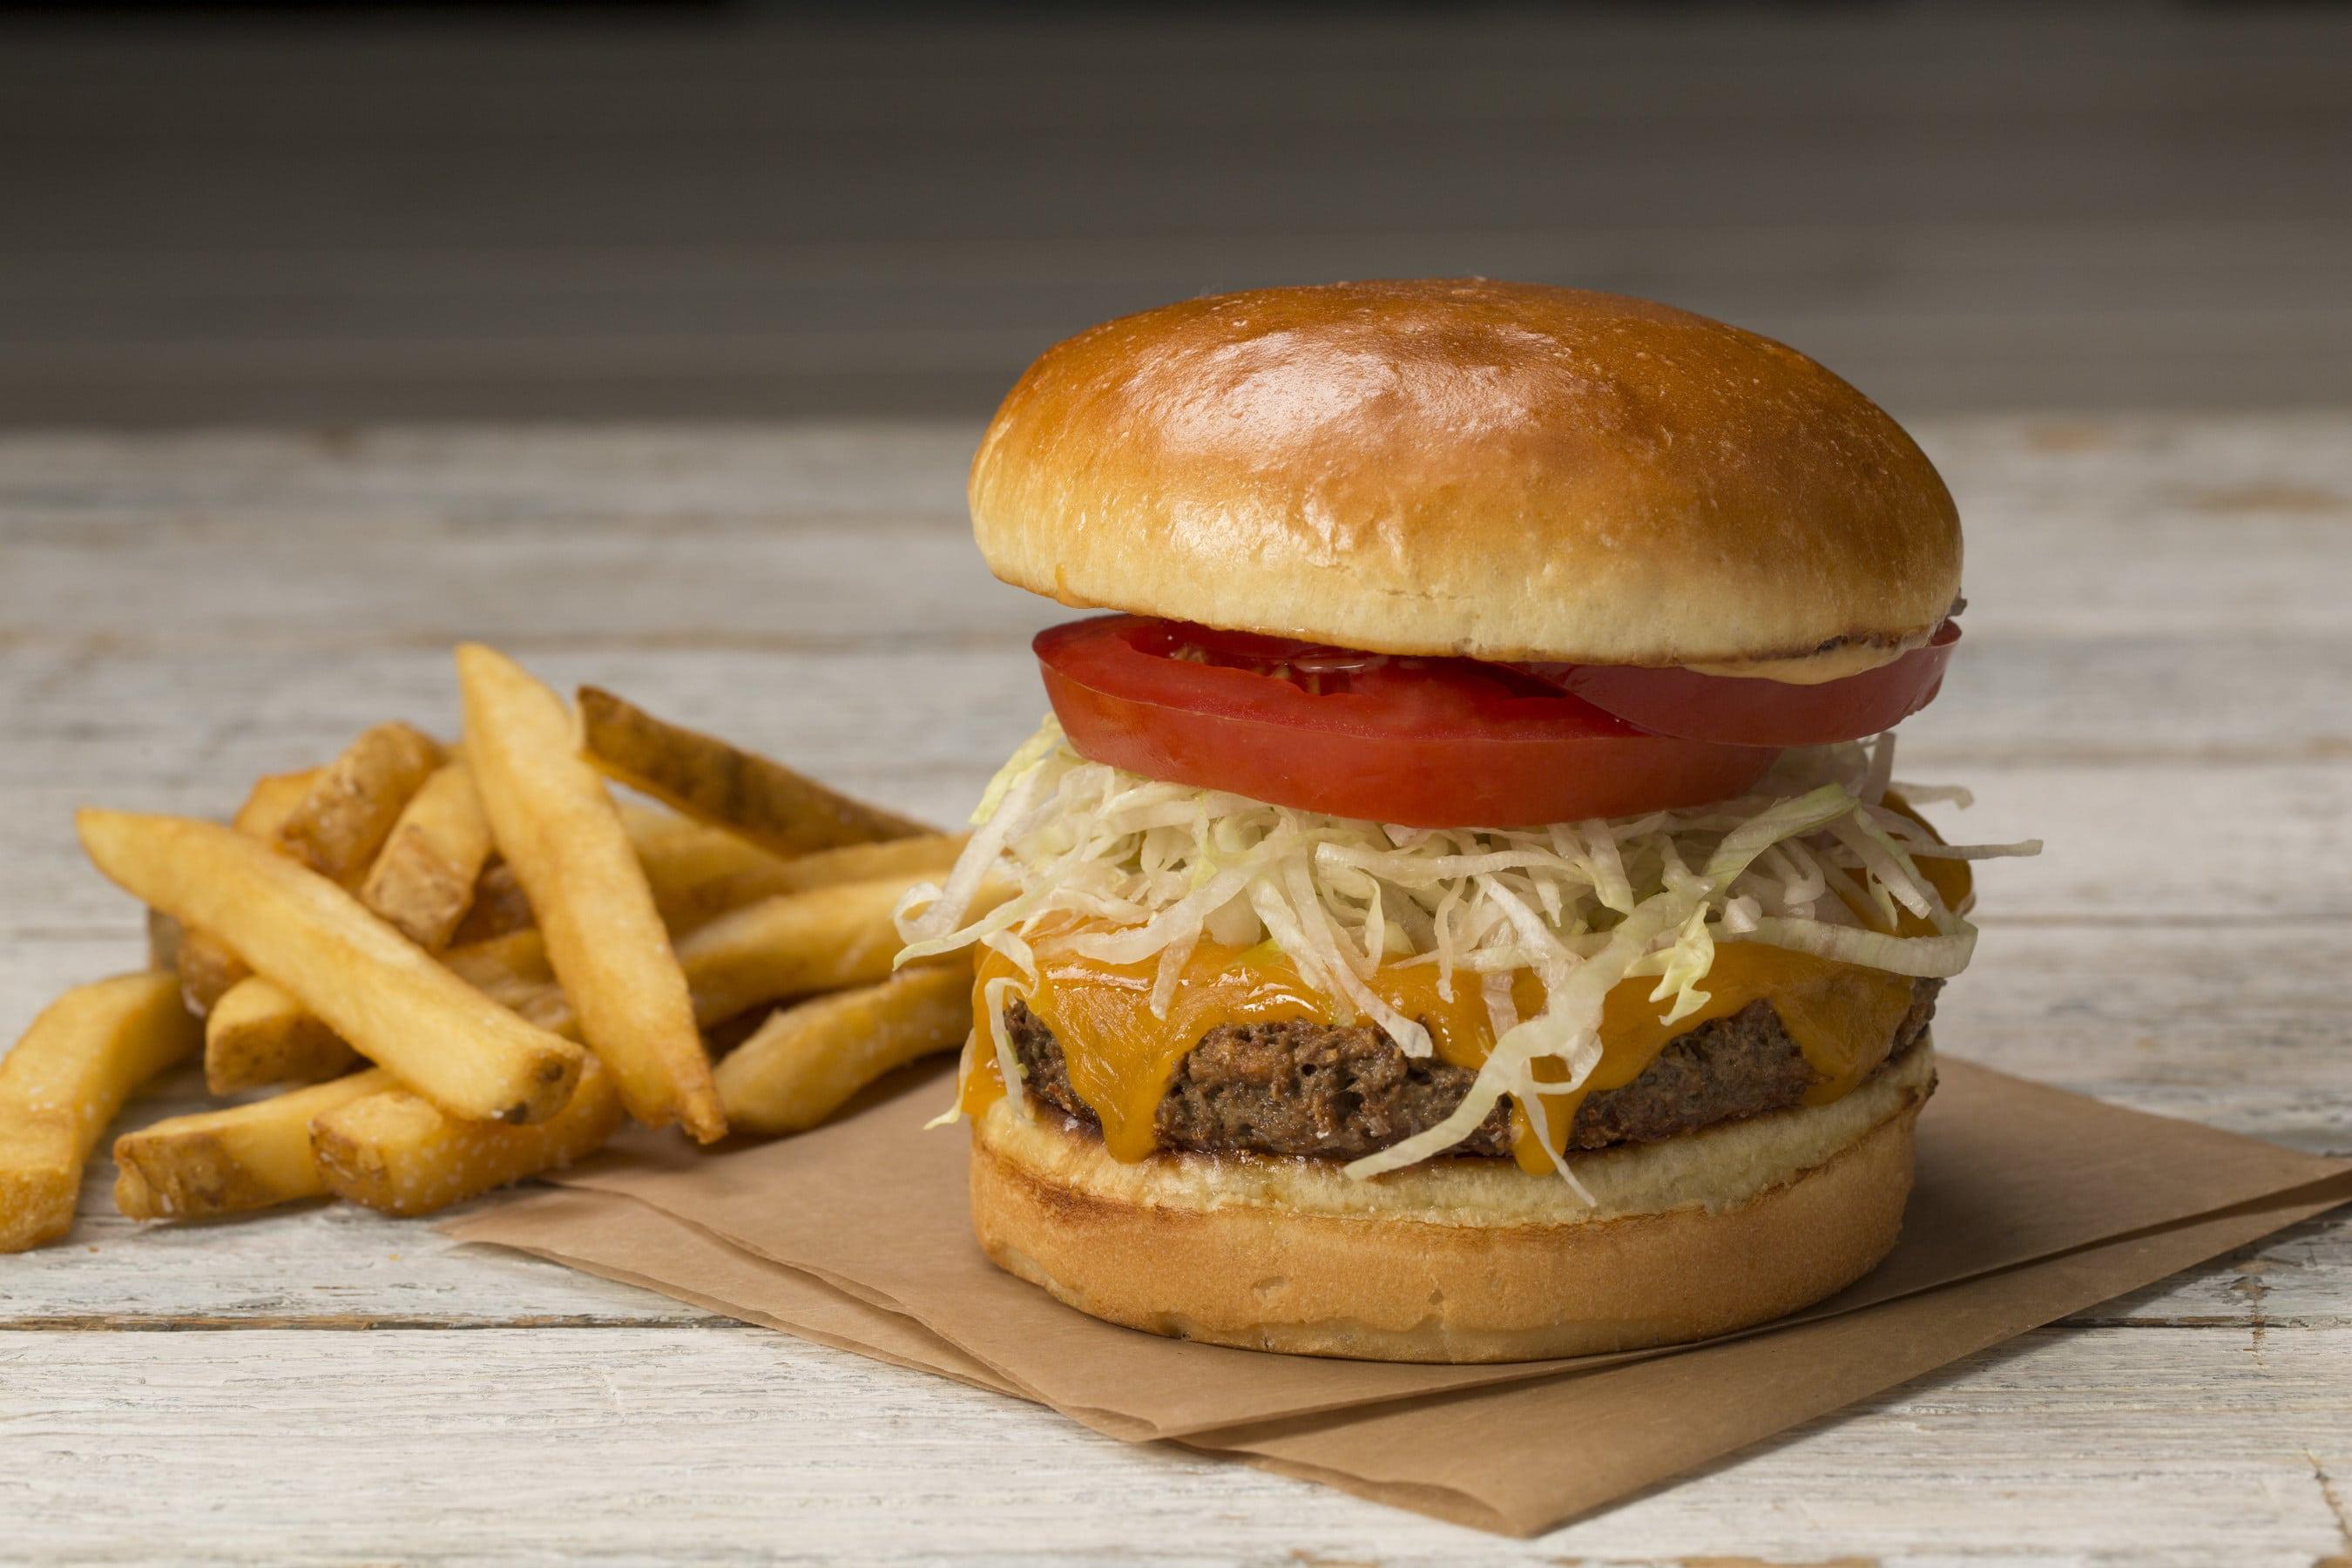 The Impossible Burger Debuts at Houlihan's